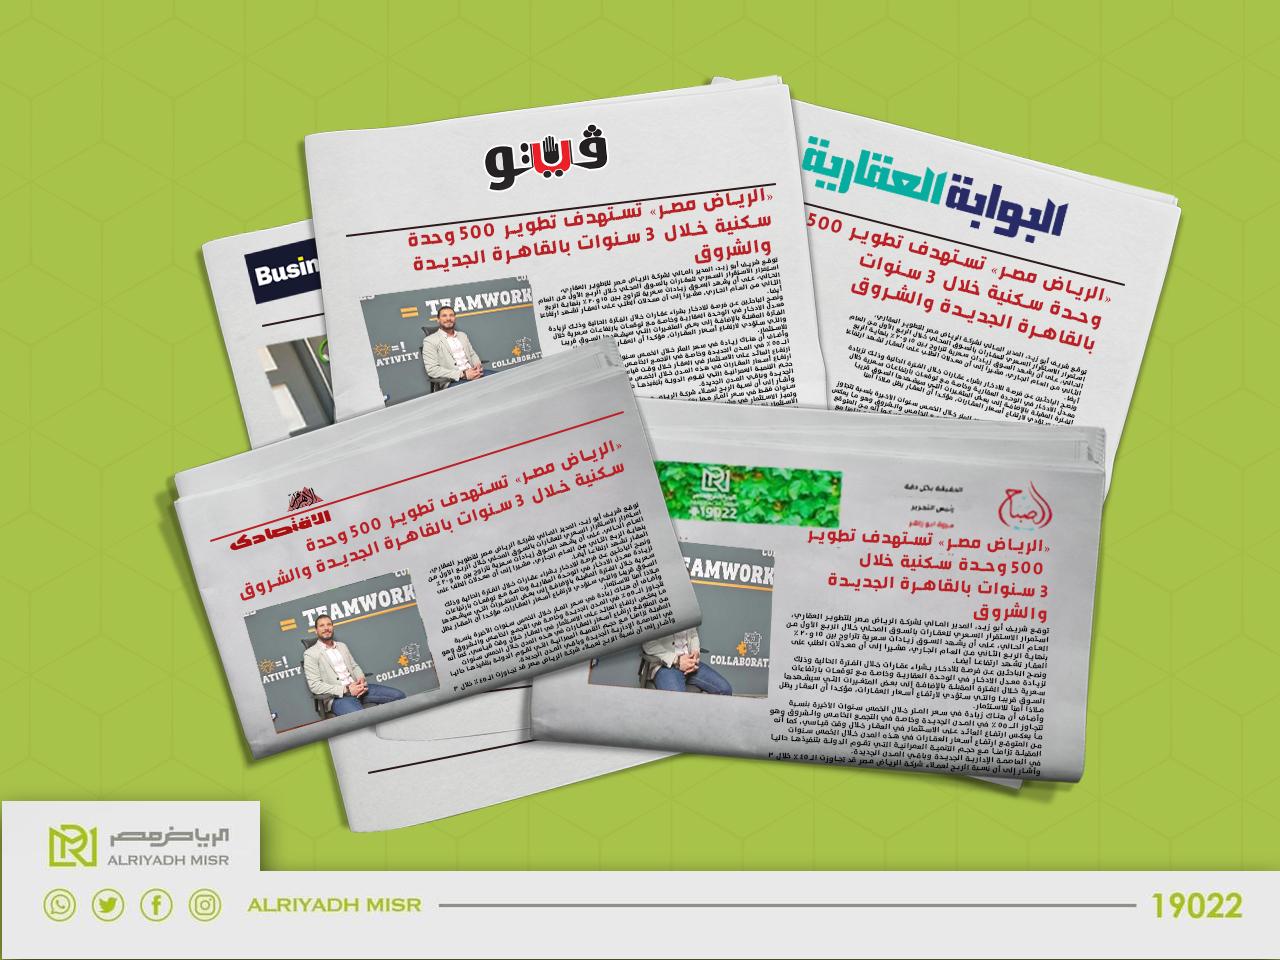 الرياض-مصر-تستهدف-تطوير-500-وحدة-سكنية-للبيع-بالتقسيط-الرياض-مصر-للتطوير-العقاري